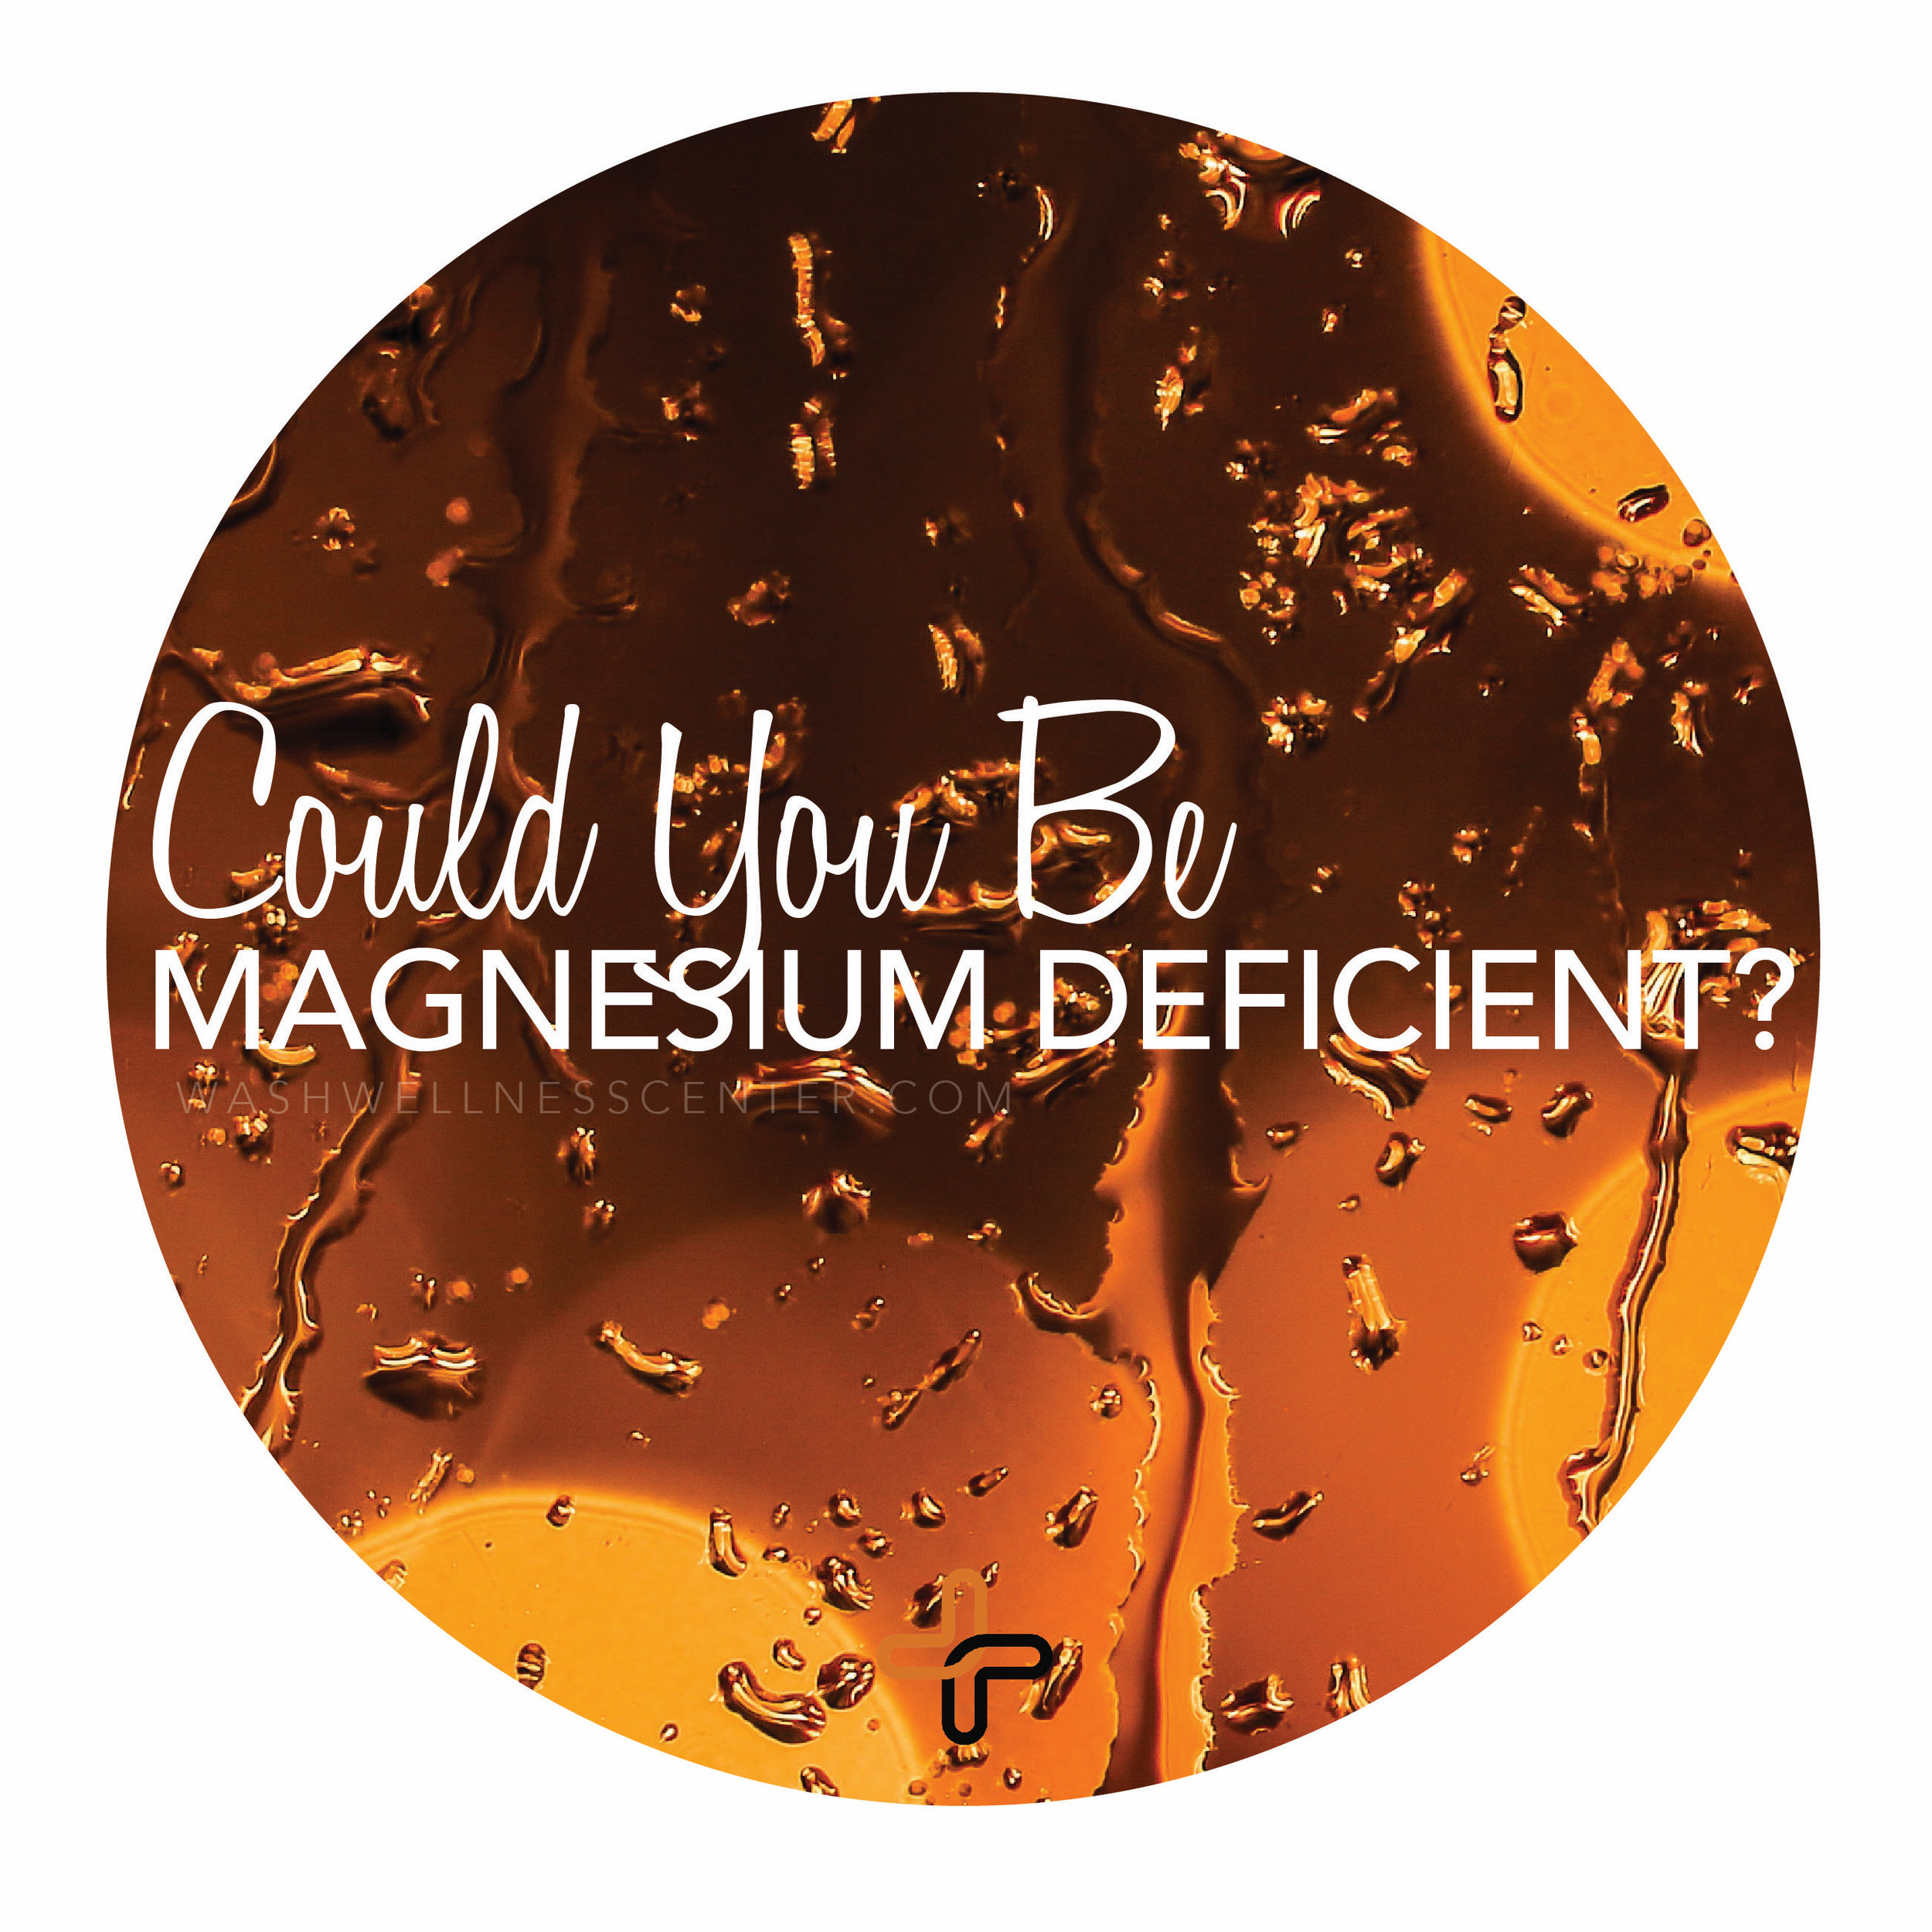 MAGNESIUM+DEFICIENT.jpg